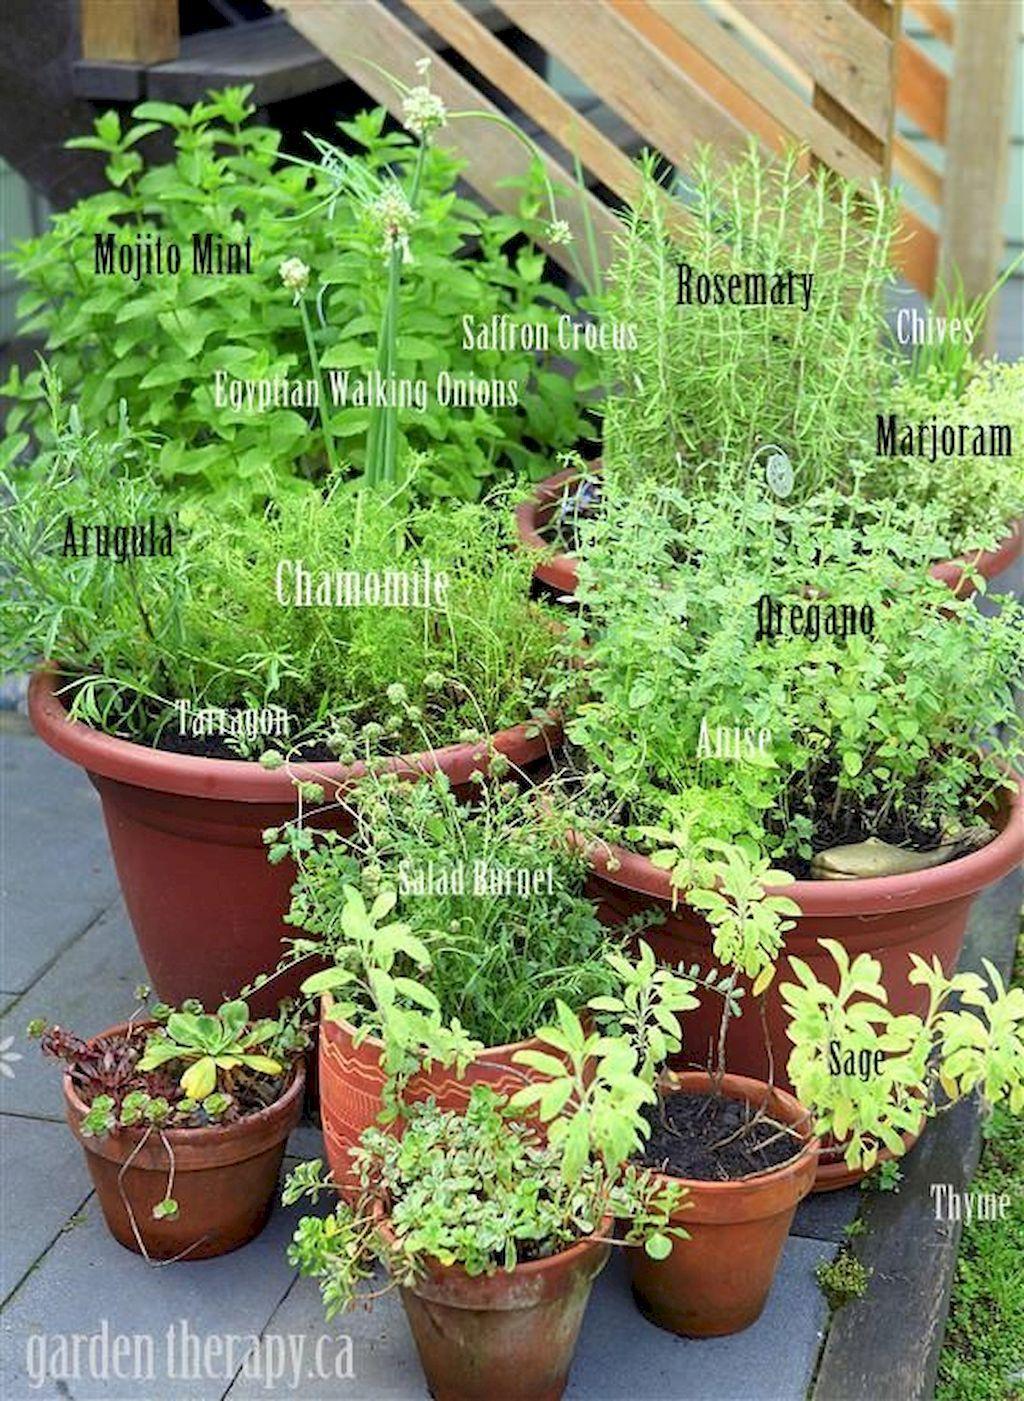 Container Herb Garden Design Plans on container gardening plans, hydroponics design plans, container herb gardening, container house design plans,